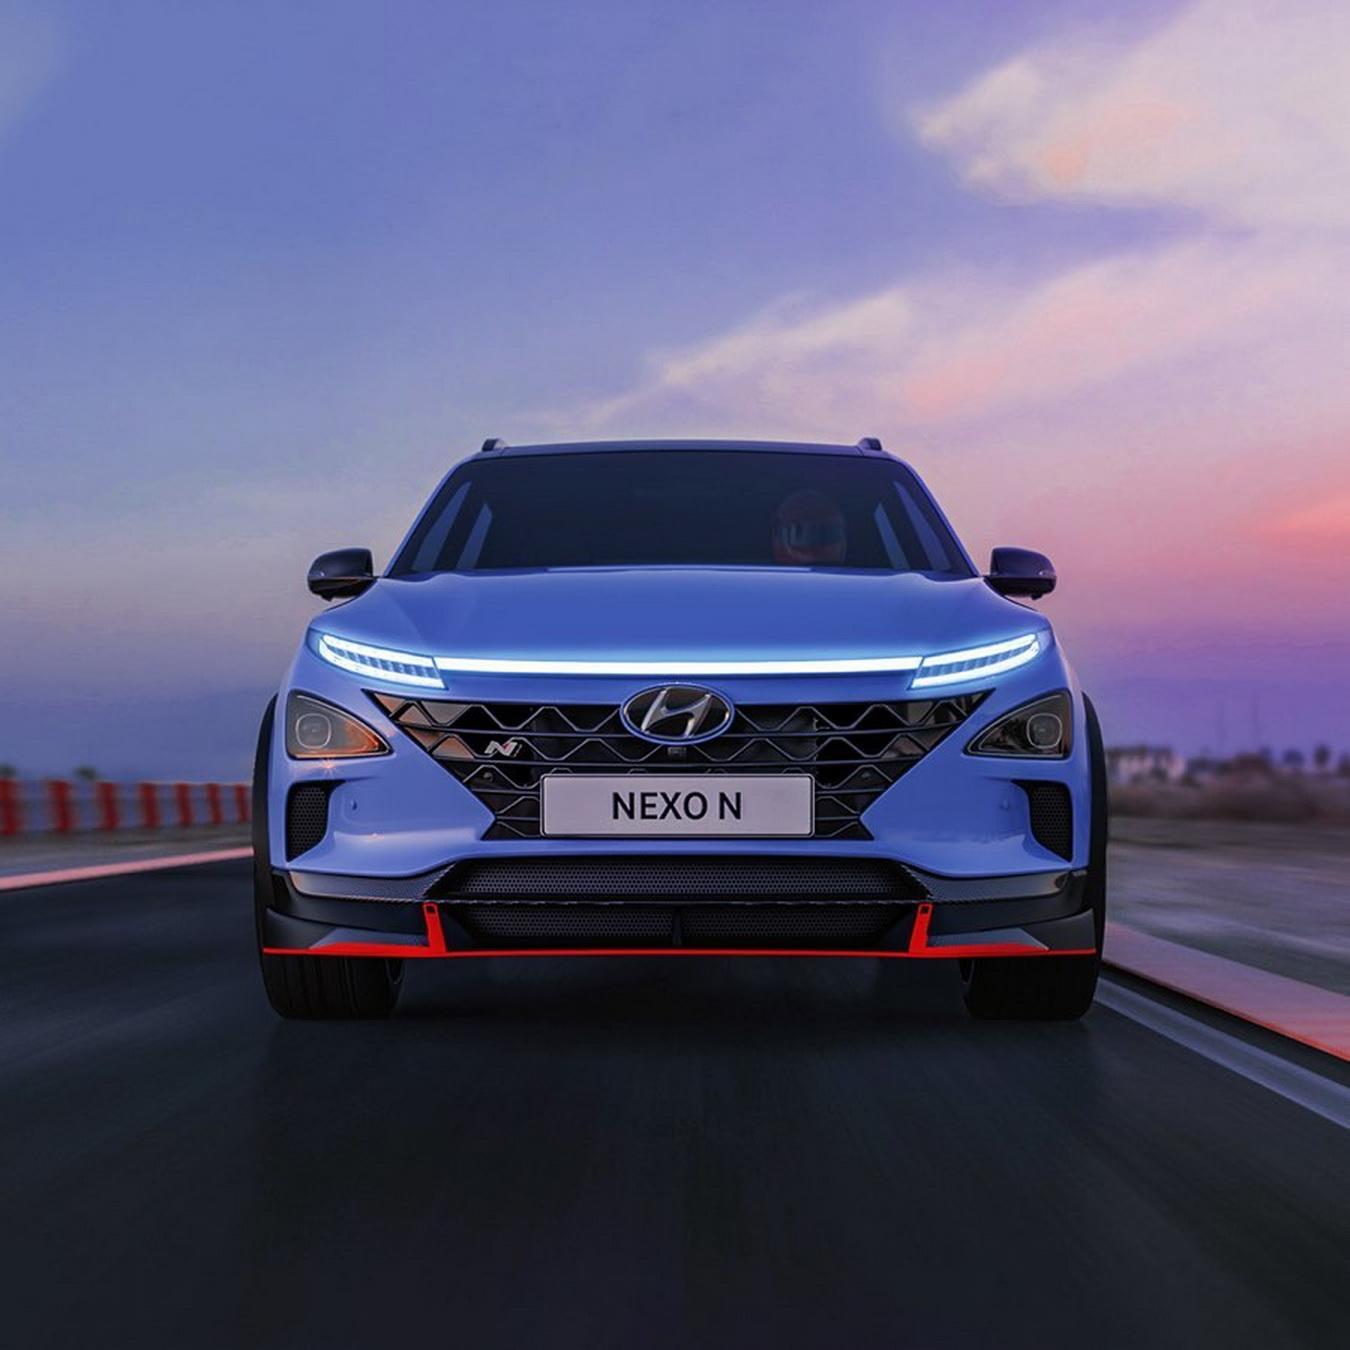 Hyundai-Palisade-N-Nexo-N-Prophecy-N-renderings-5